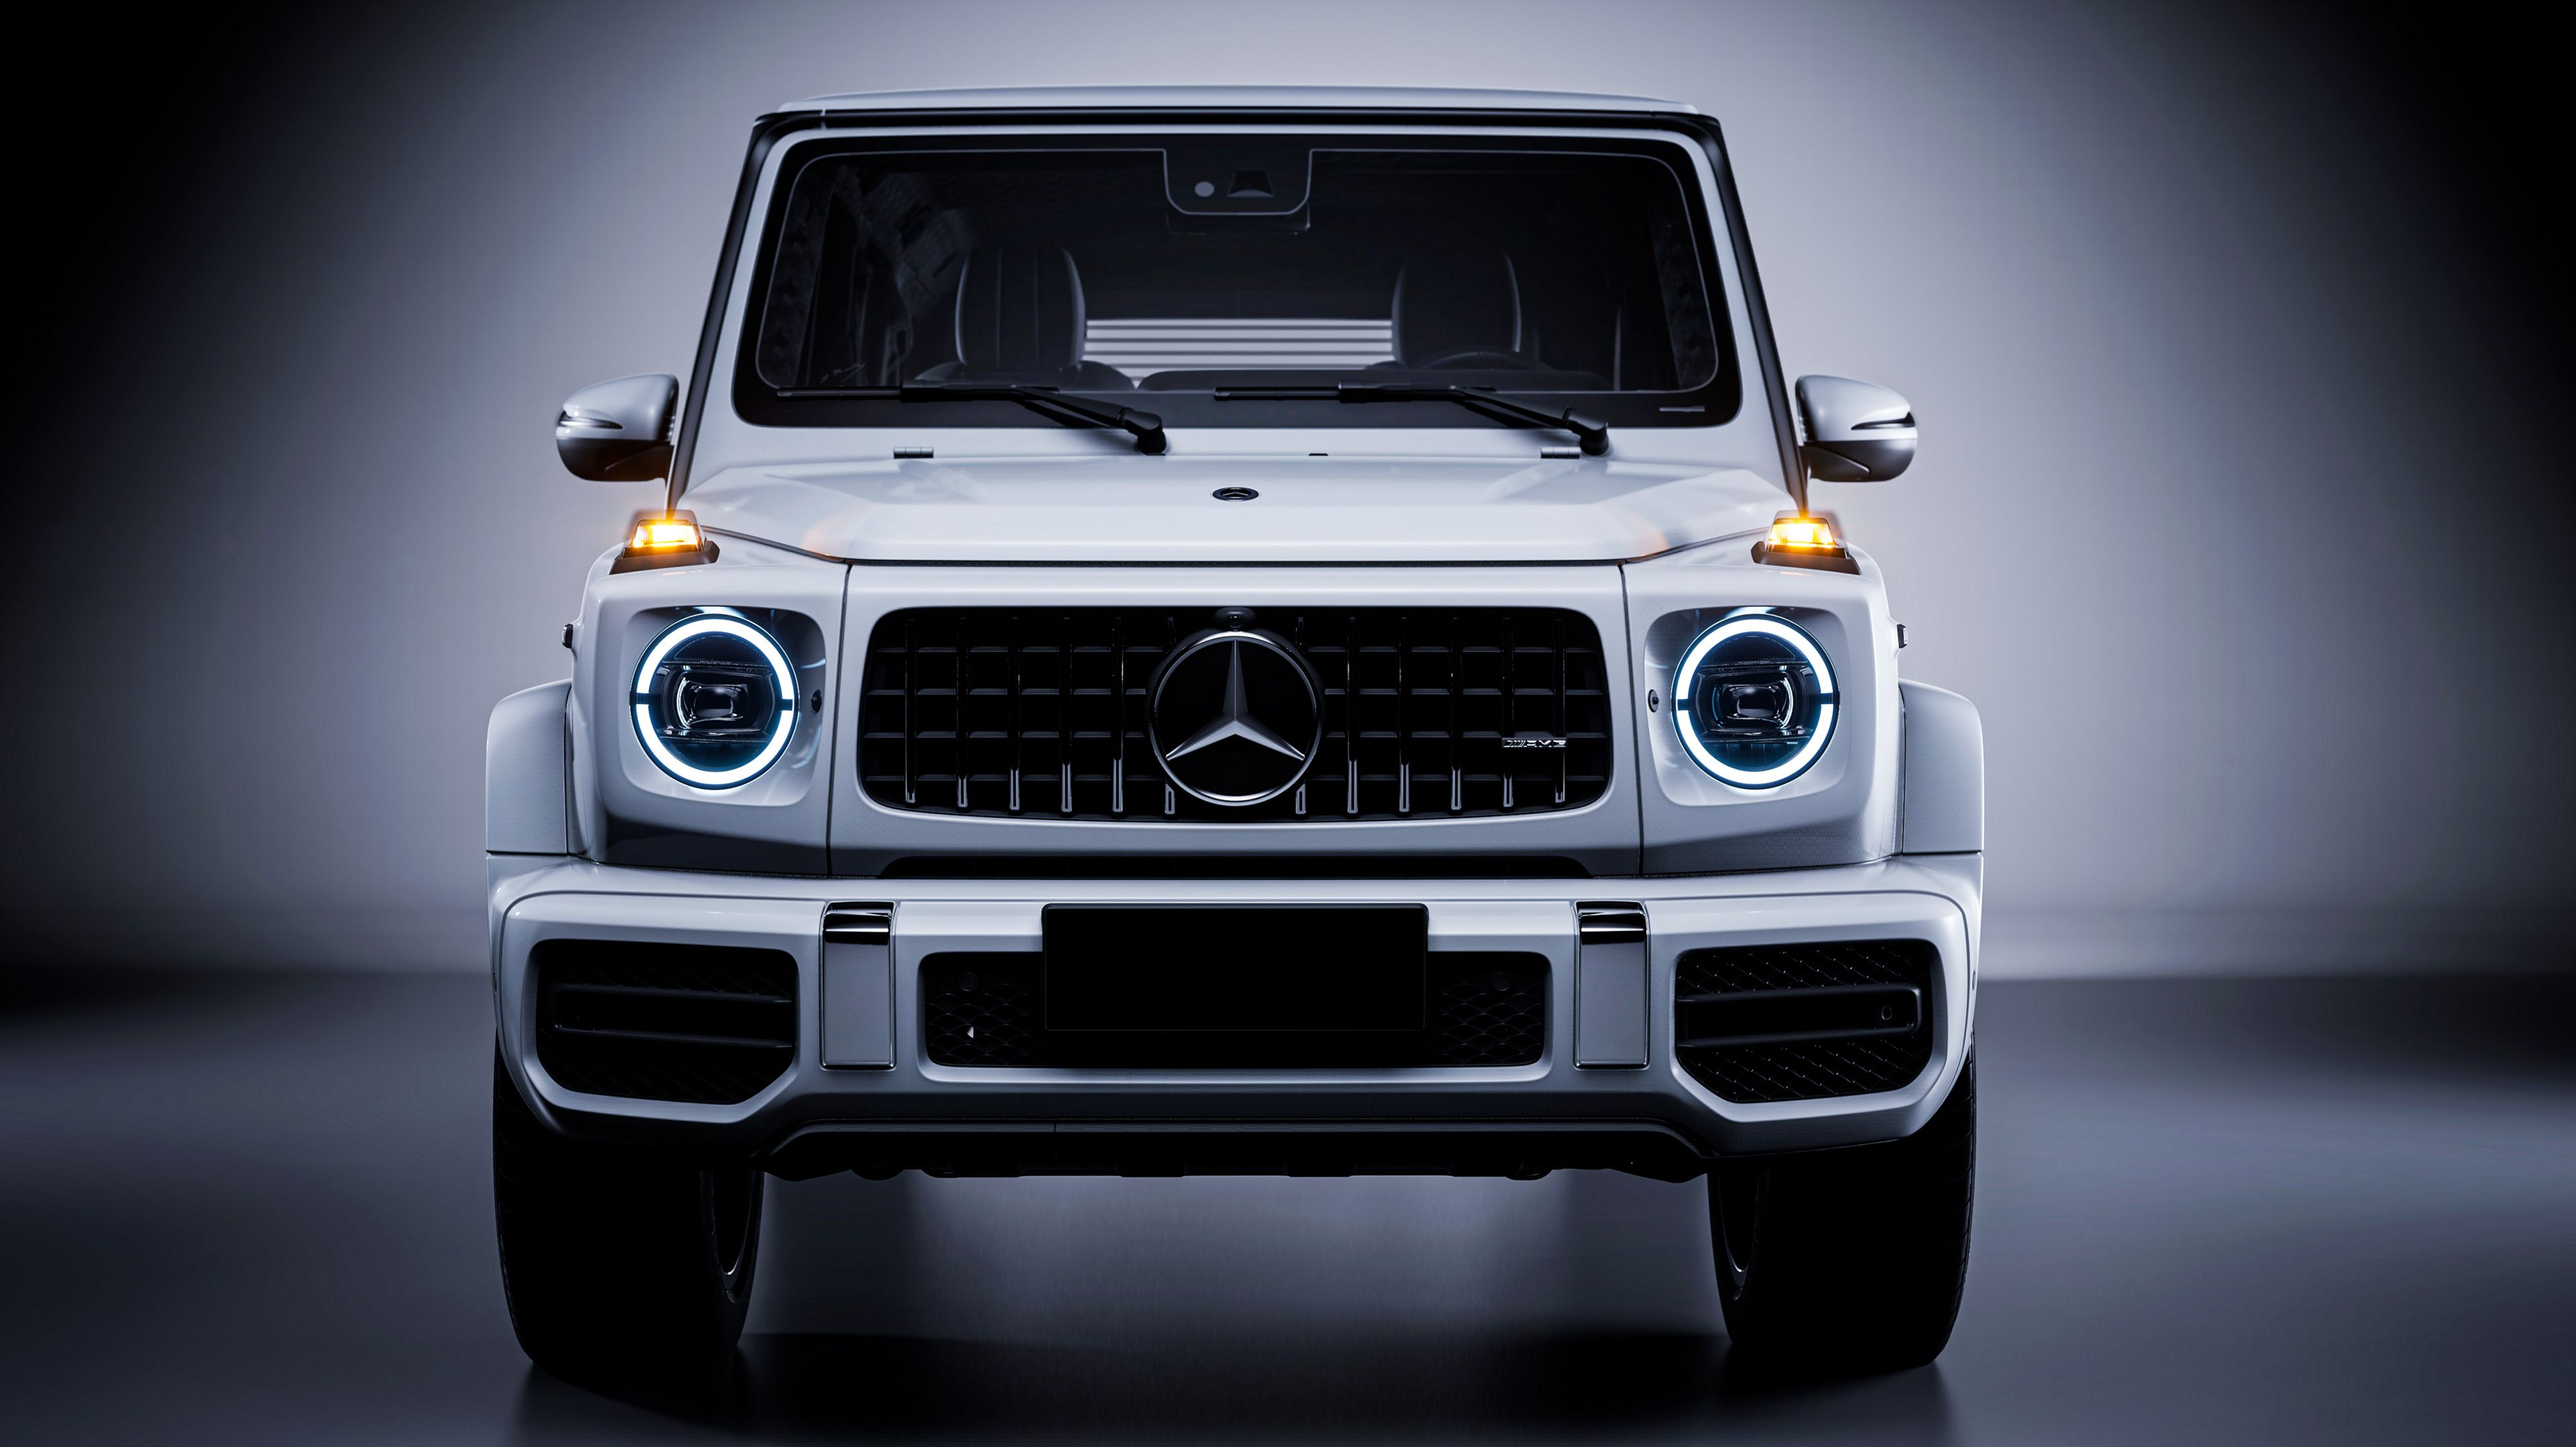 Mercedes Benz G 63 White 4k Mercedes Benz G 63 White 4k Wallpapers In 2021 Benz G Mercedes Benz